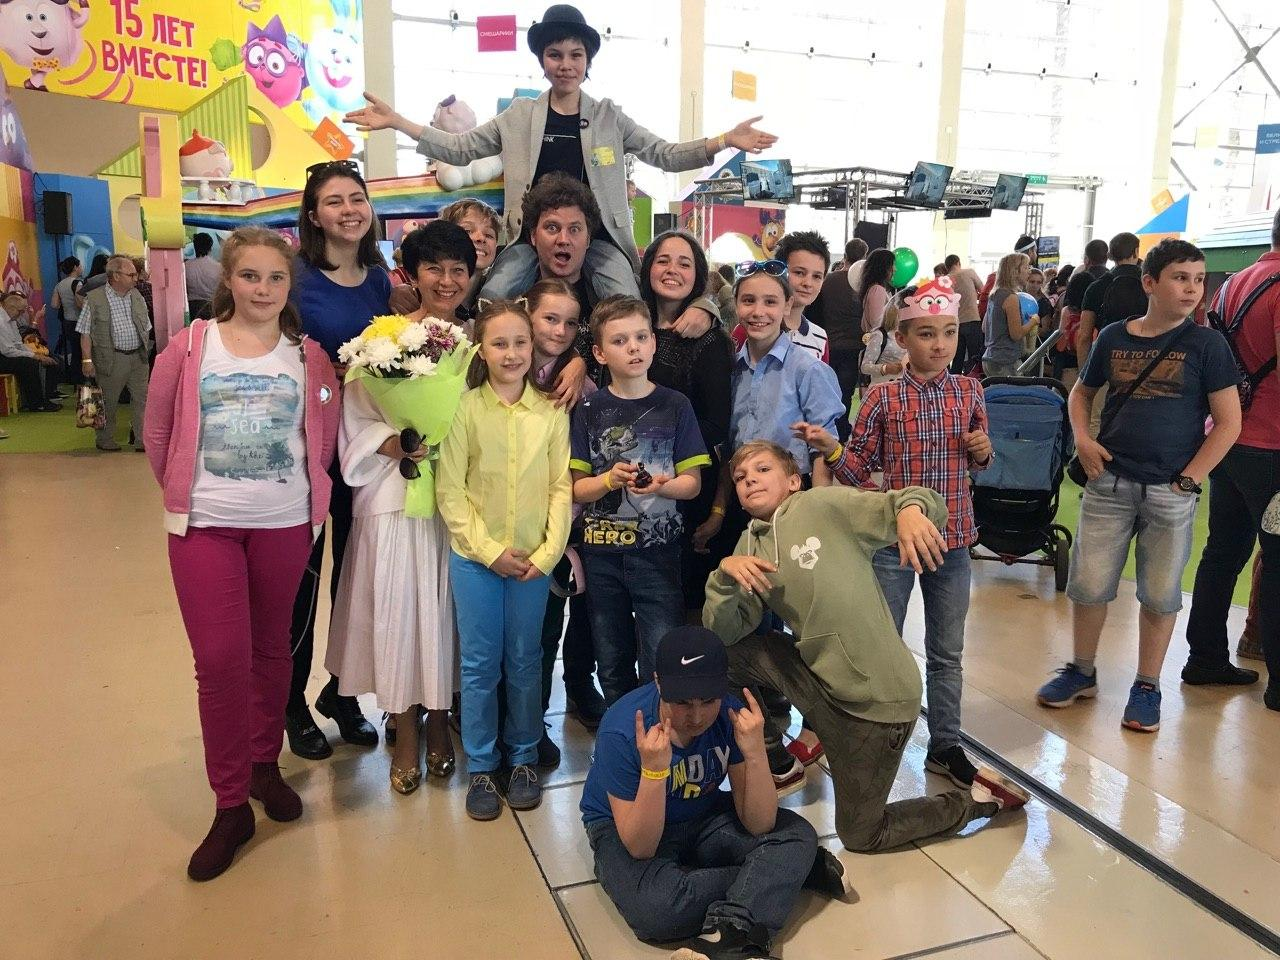 Выступление на фестивале анимации «Мультимир» - Музыкальный театр детей Радуга